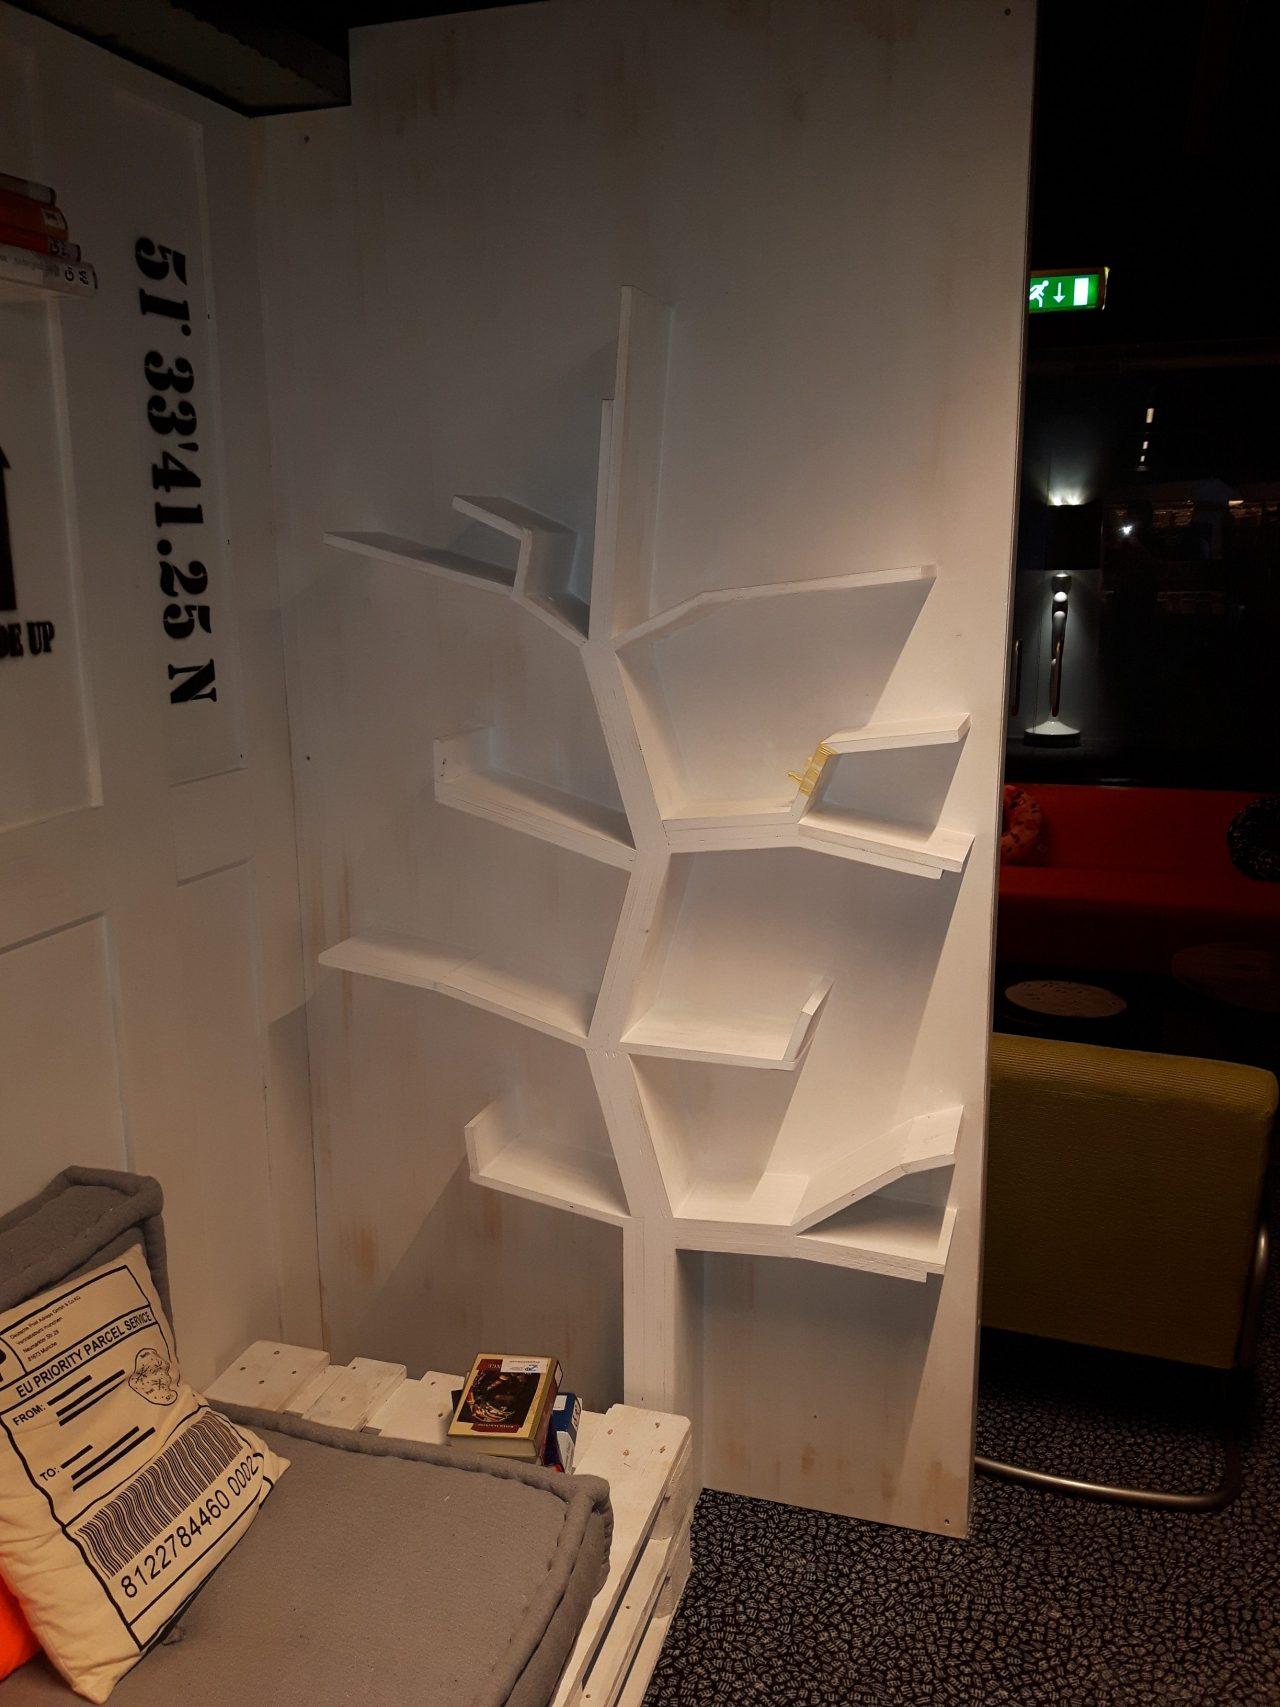 Boom boekenkast in ZB|Bibliotheek Vlissingen.